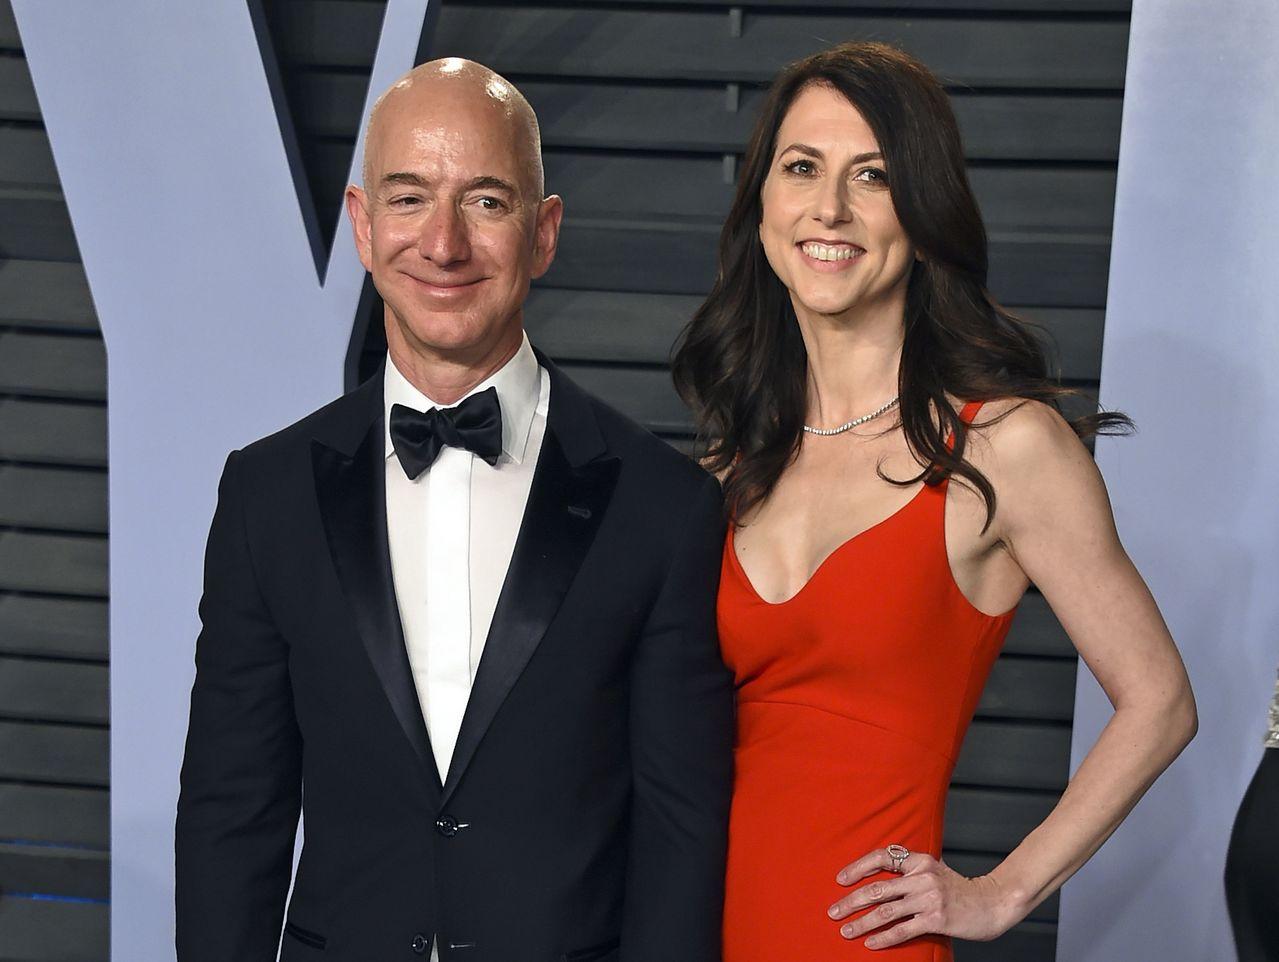 亞馬遜創辦人貝佐斯夫婦宣布離婚。美聯社